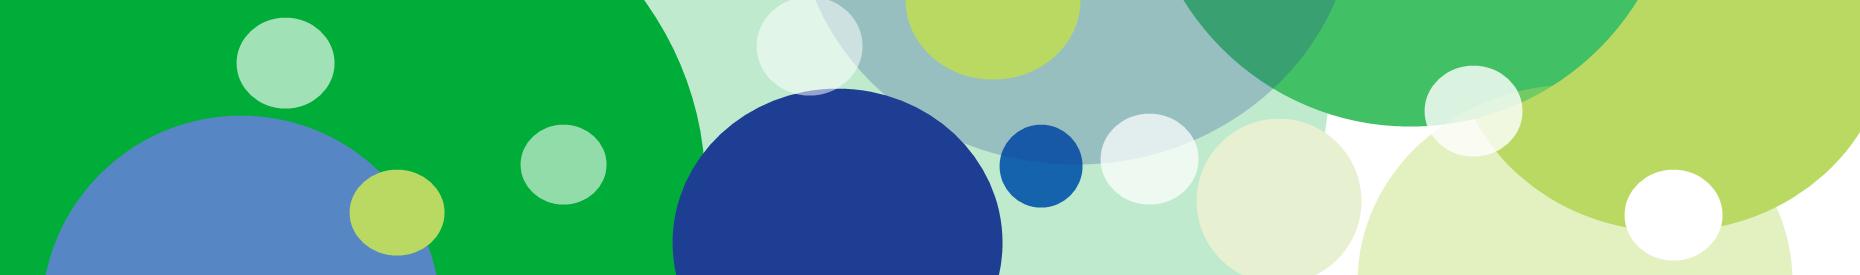 2016年1月18日(月)COP21パリ会議報告会~京都で考える温暖化防止の「パリ協定」~[京都](CAN-Japan)